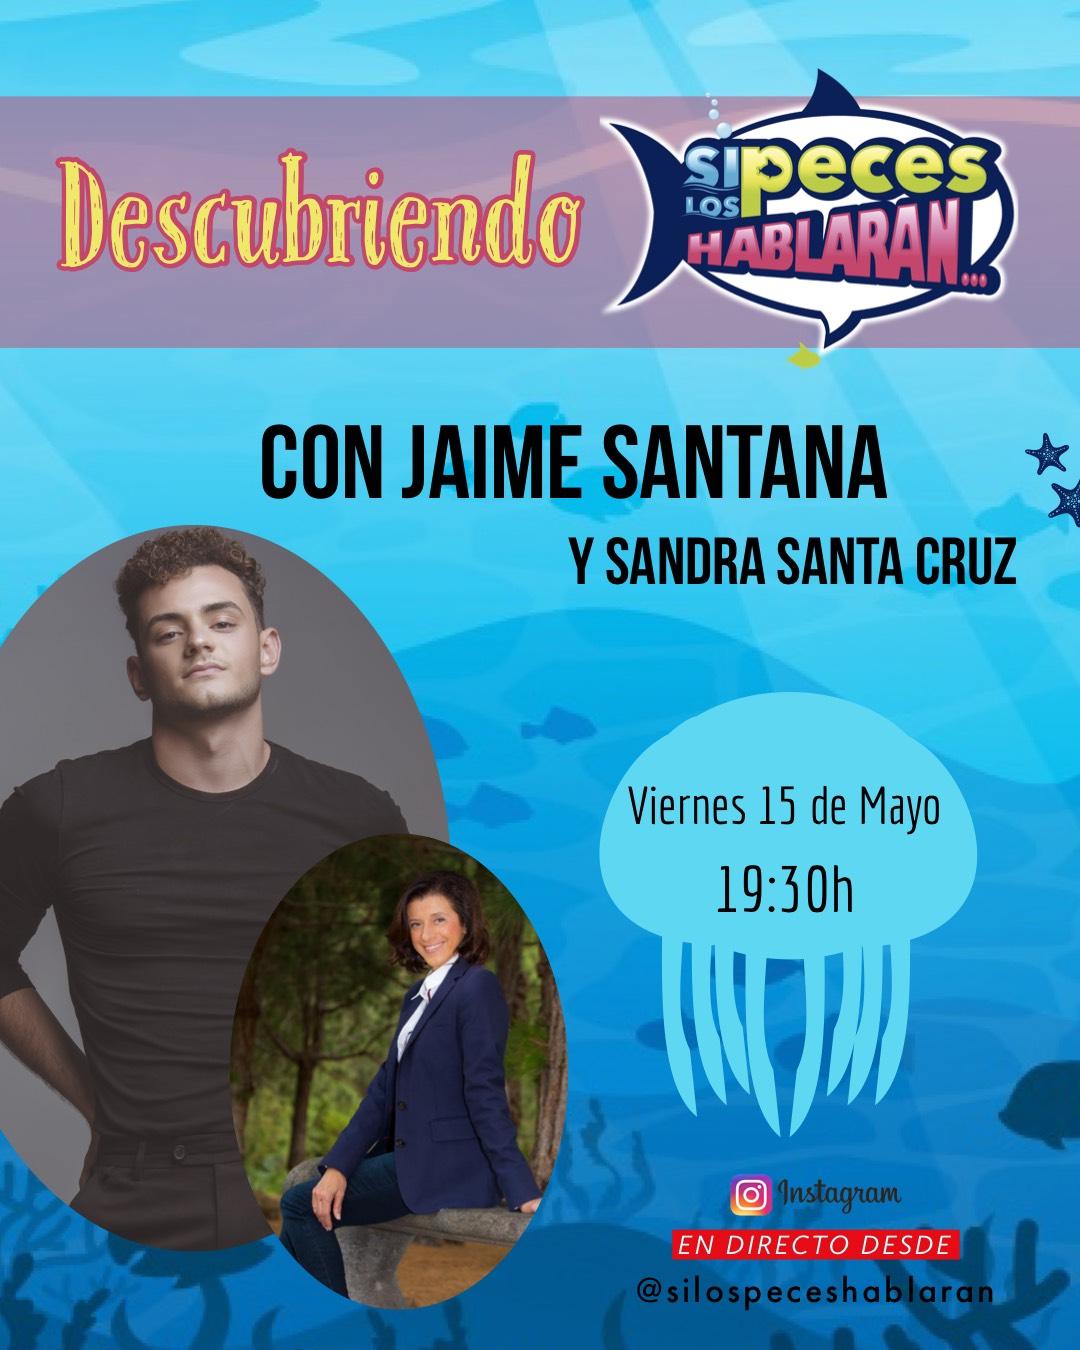 Descubriendo Si los peces hablaran con Jaime Santana